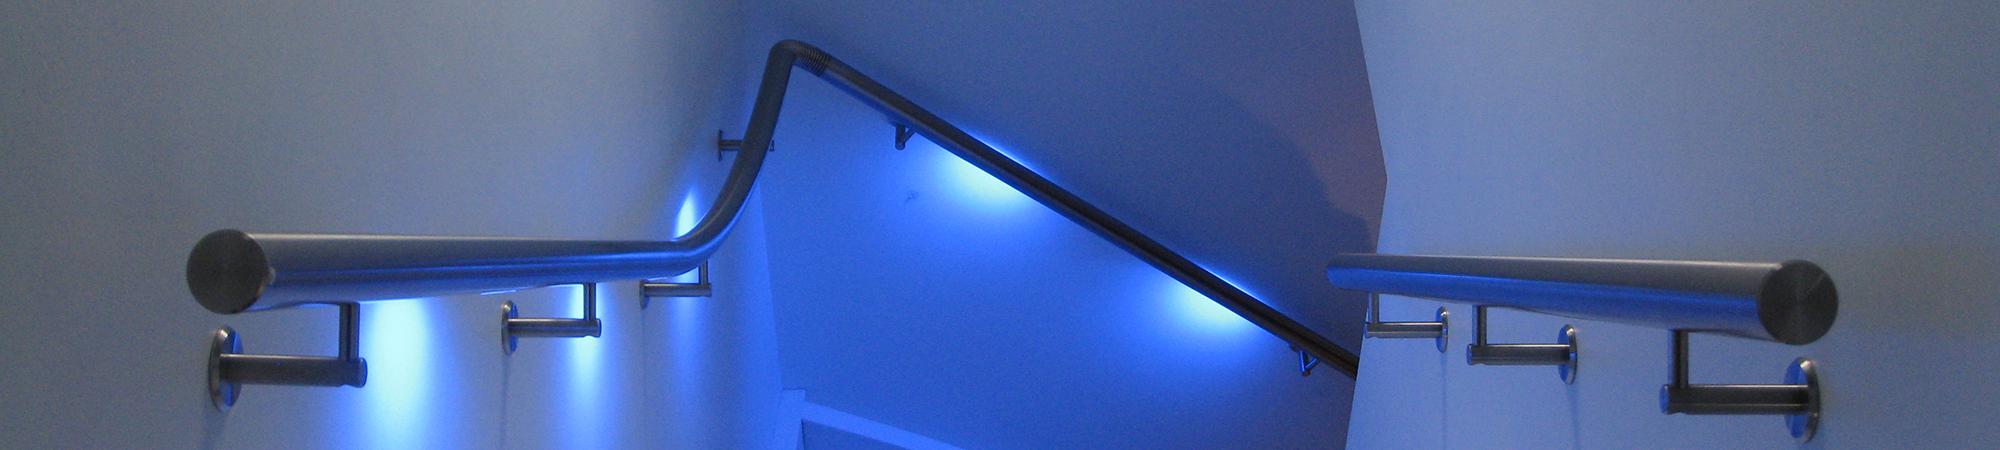 Lumigrip verlichte leuning balustrade